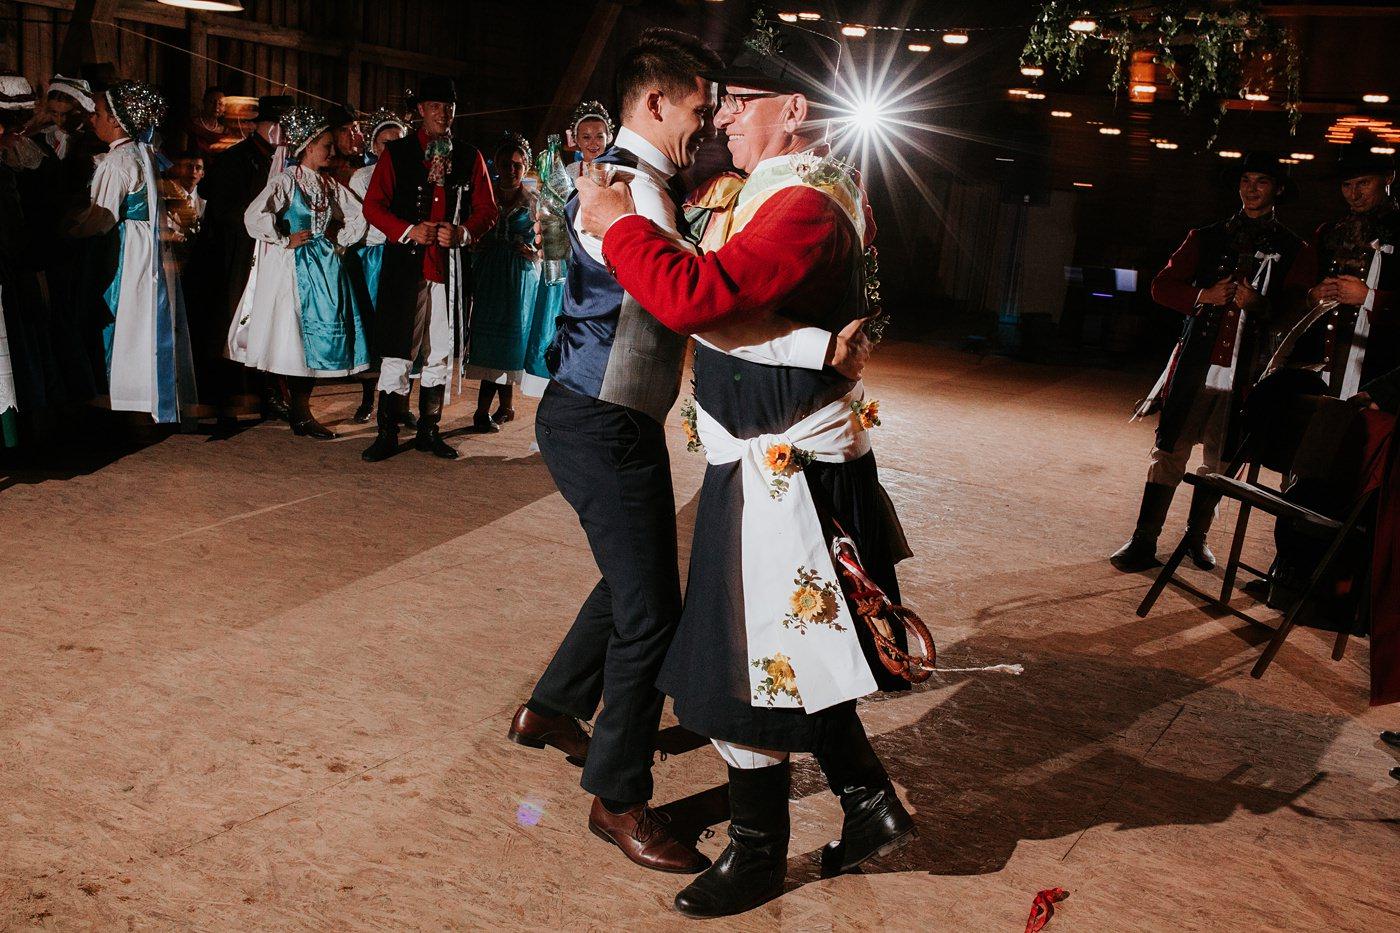 Dominika & Aleksander - Rustykalne wesele w stodole - Baborówko 136